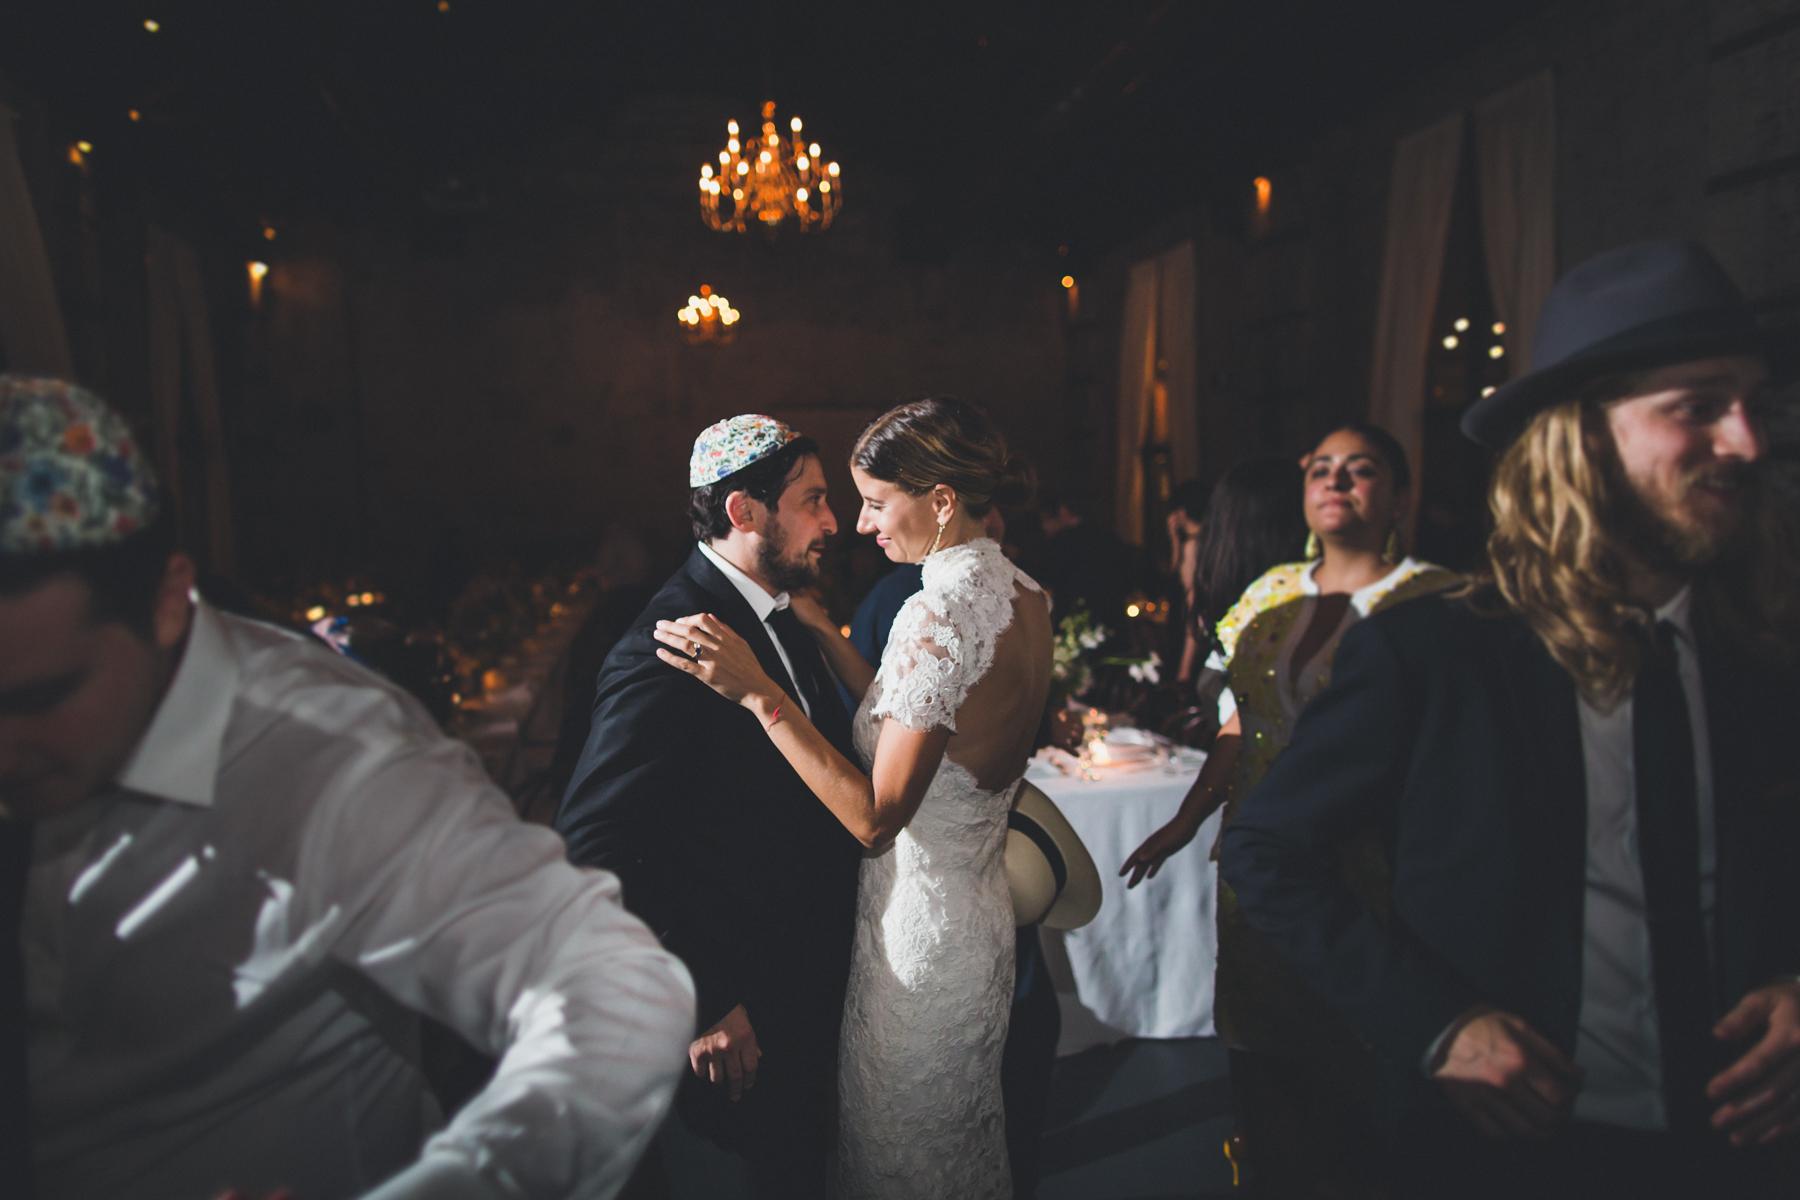 Wythe-Hotel-Green-Building-Brooklyn-Documentary-Wedding-Photography-125.jpg